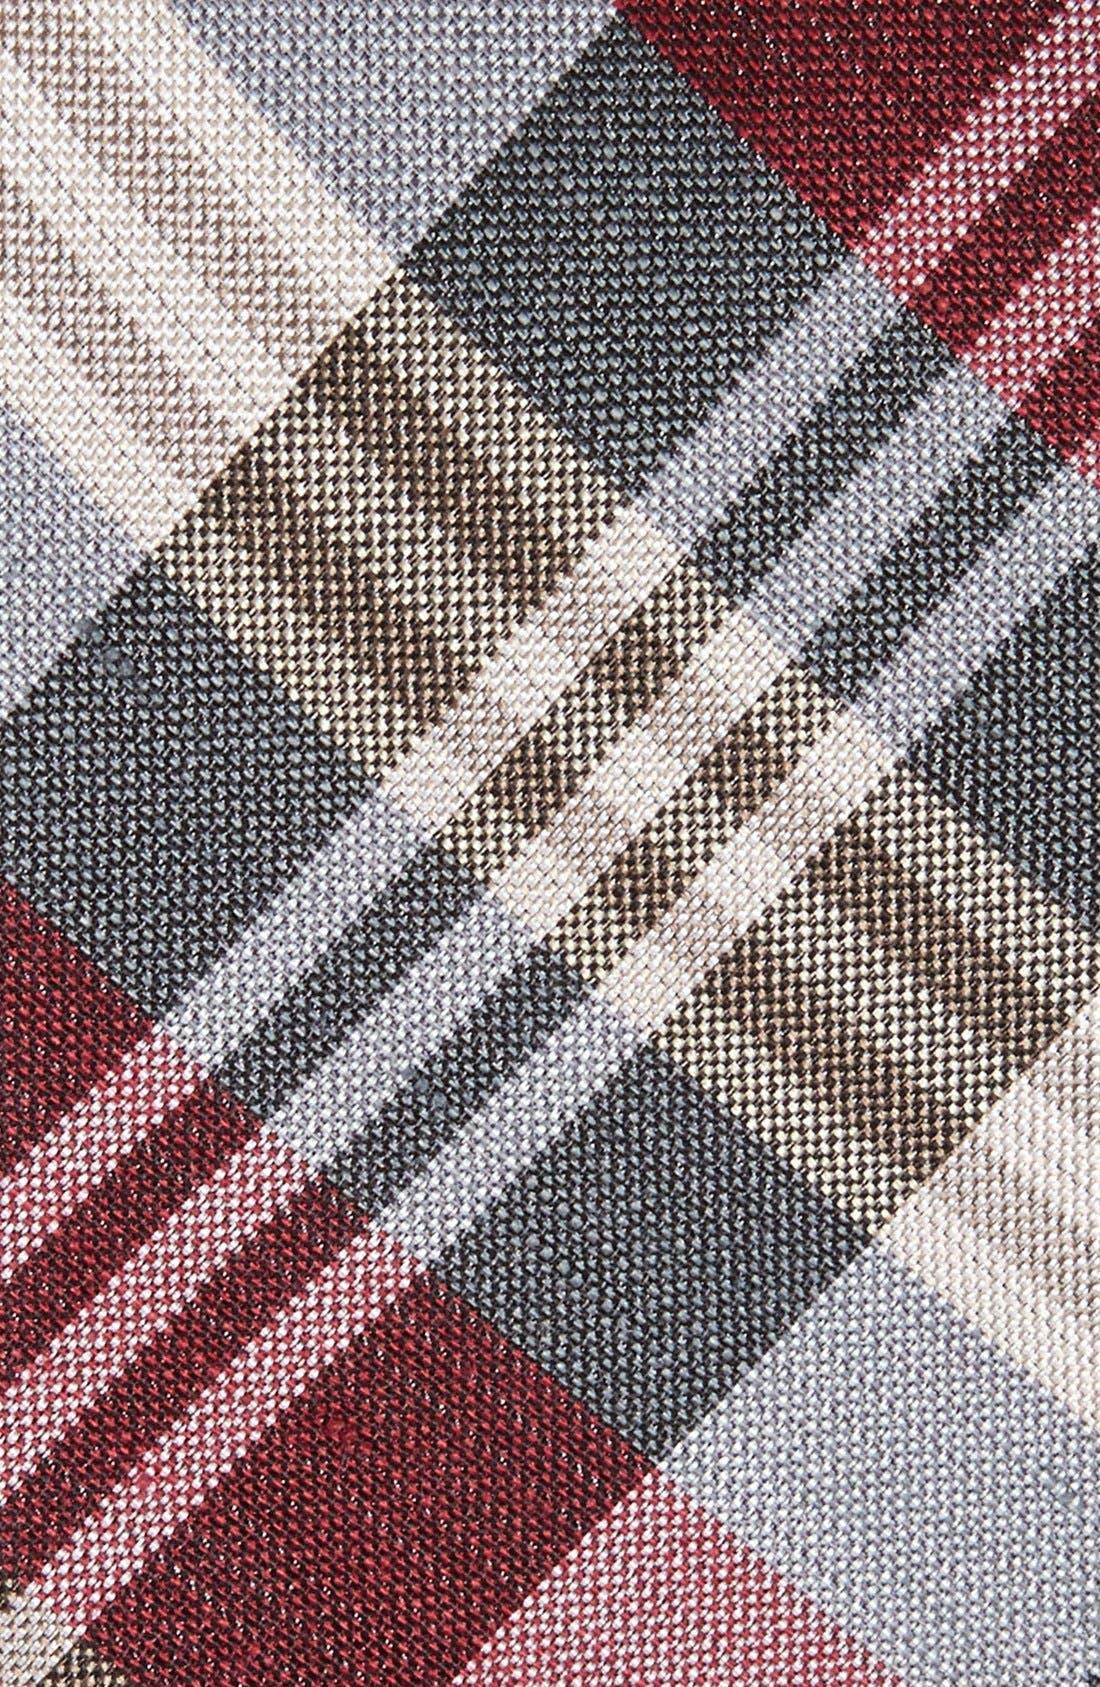 Plaid Silk & Linen Tie,                             Alternate thumbnail 2, color,                             BURGUNDY